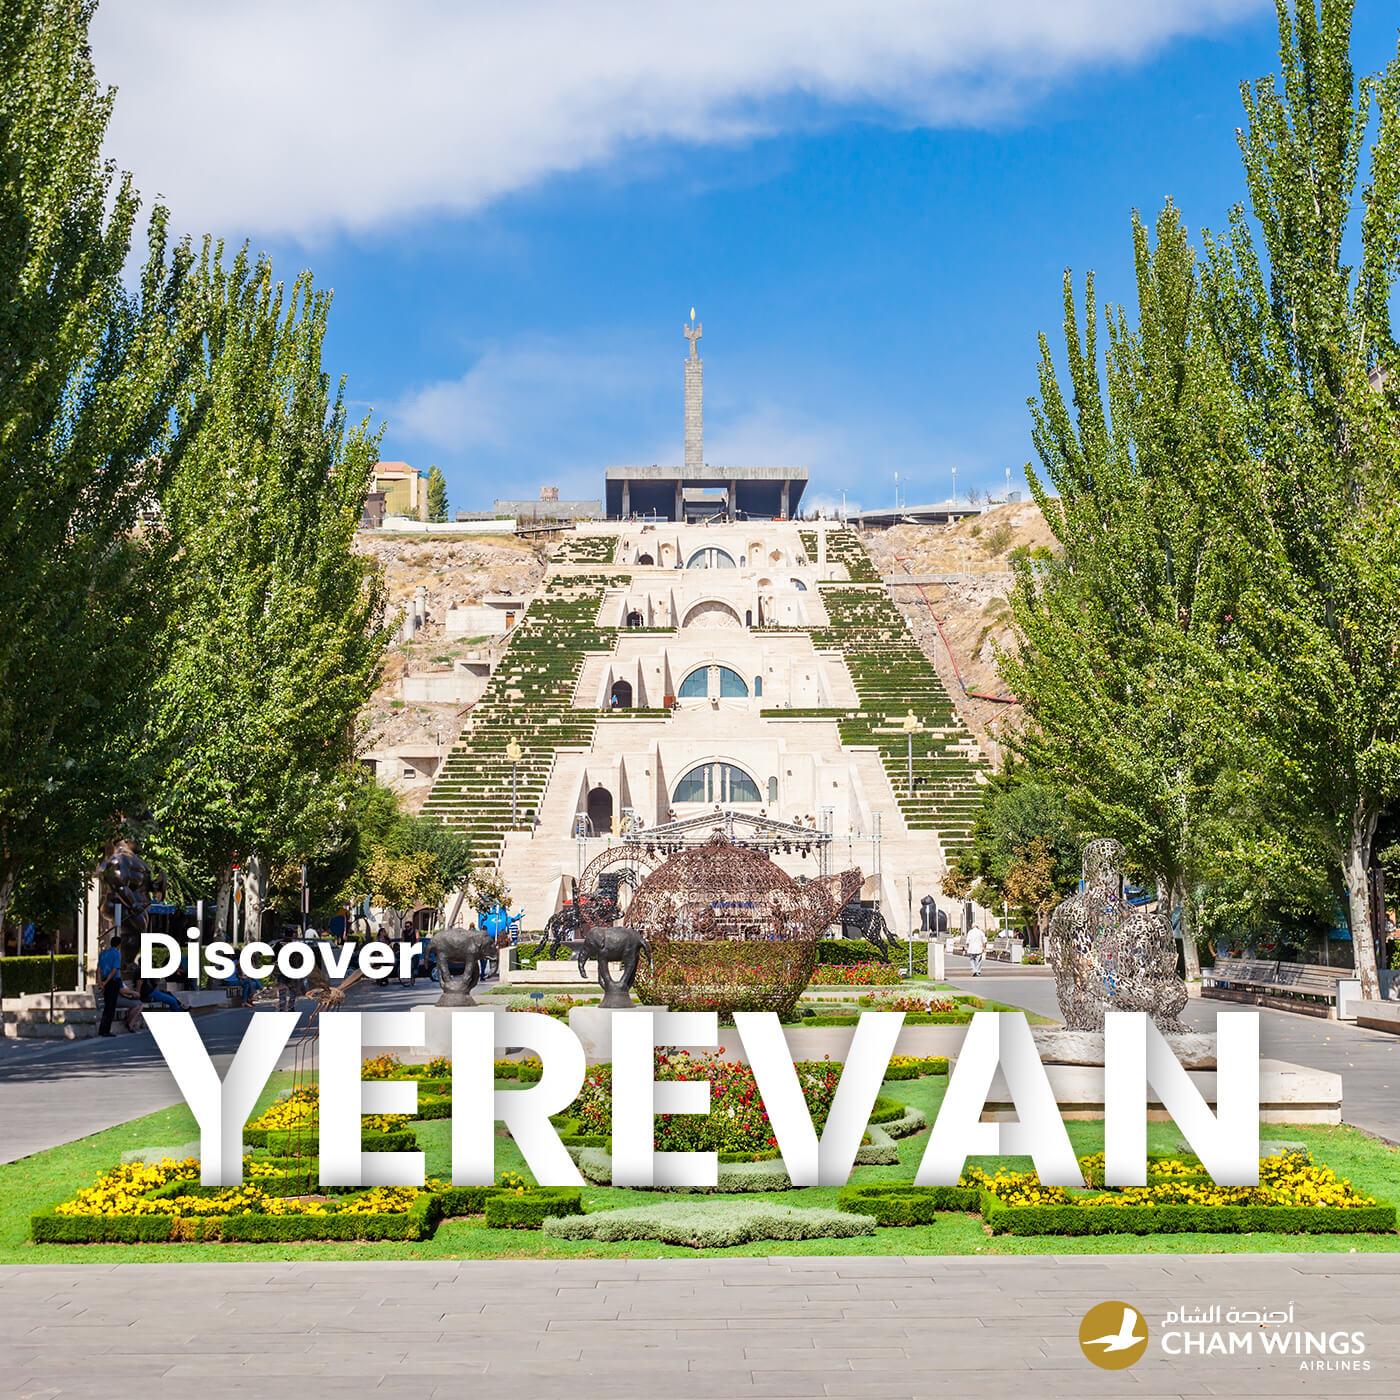 رحلة يريفان